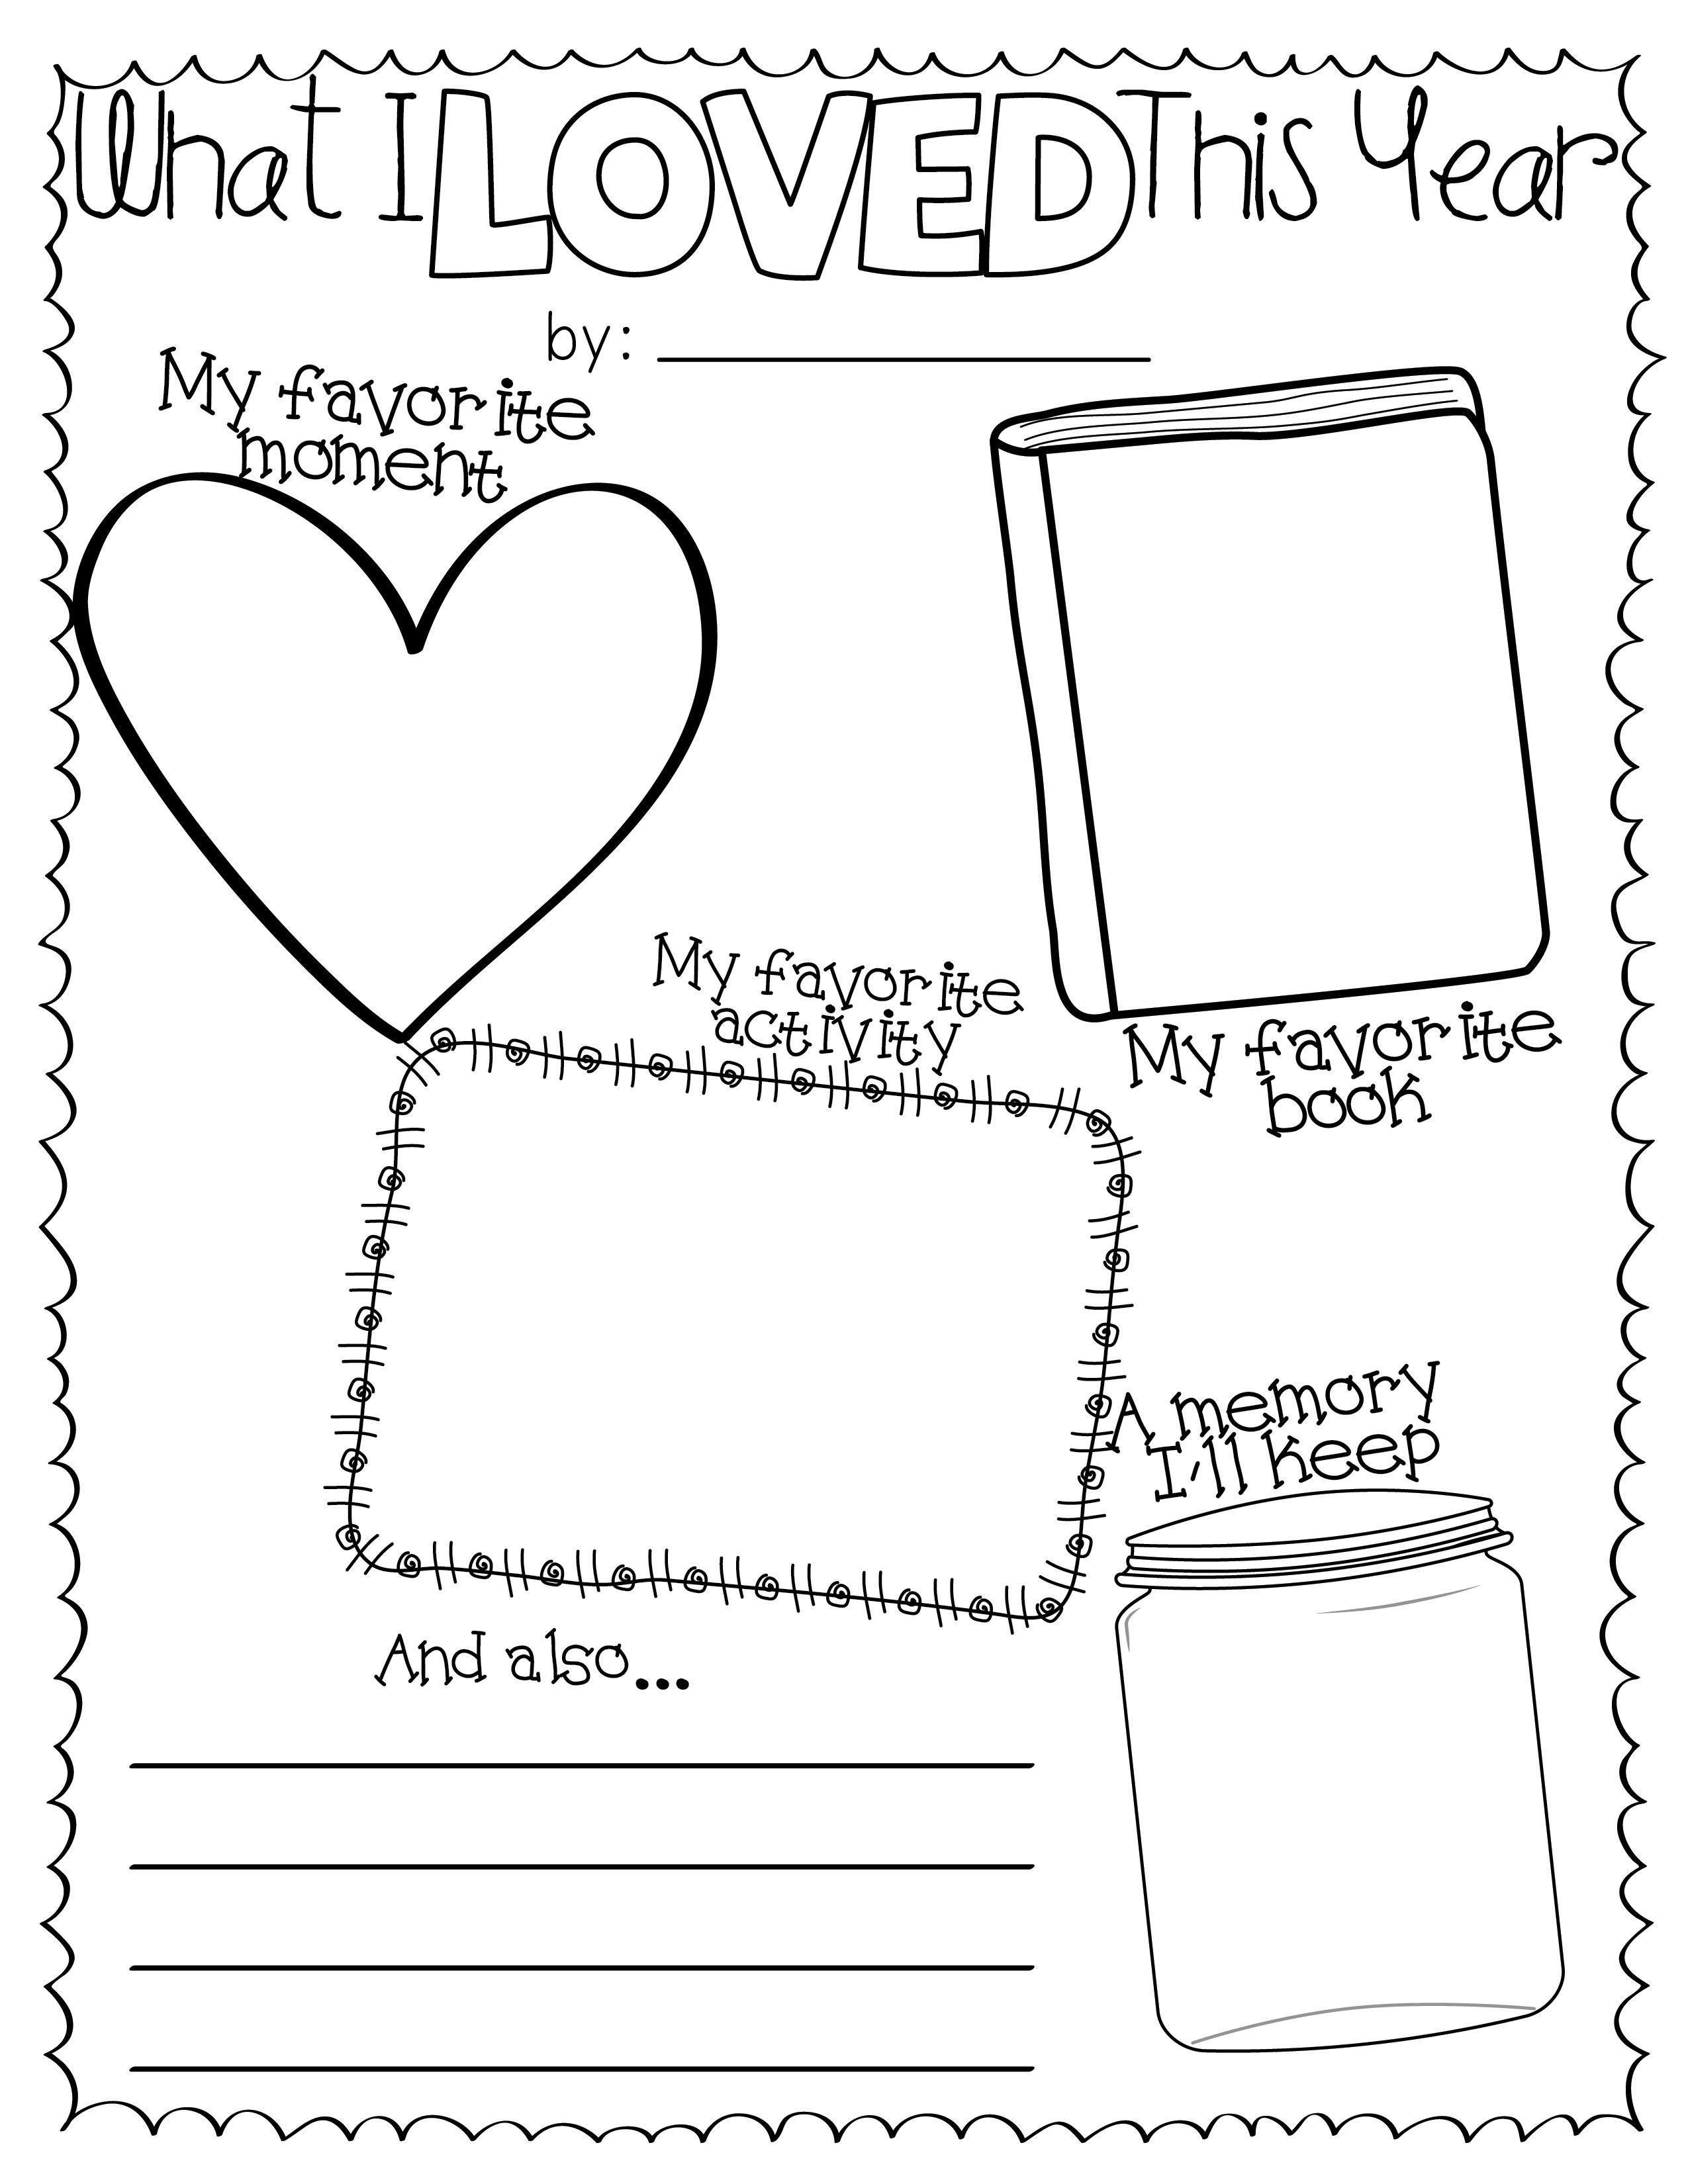 School Worksheets End Of The School Year Worksheets For 2nd Grade 23 End Of The School Year Workshe End Of School Year School Worksheets End Of Year Activities [ 3300 x 2550 Pixel ]